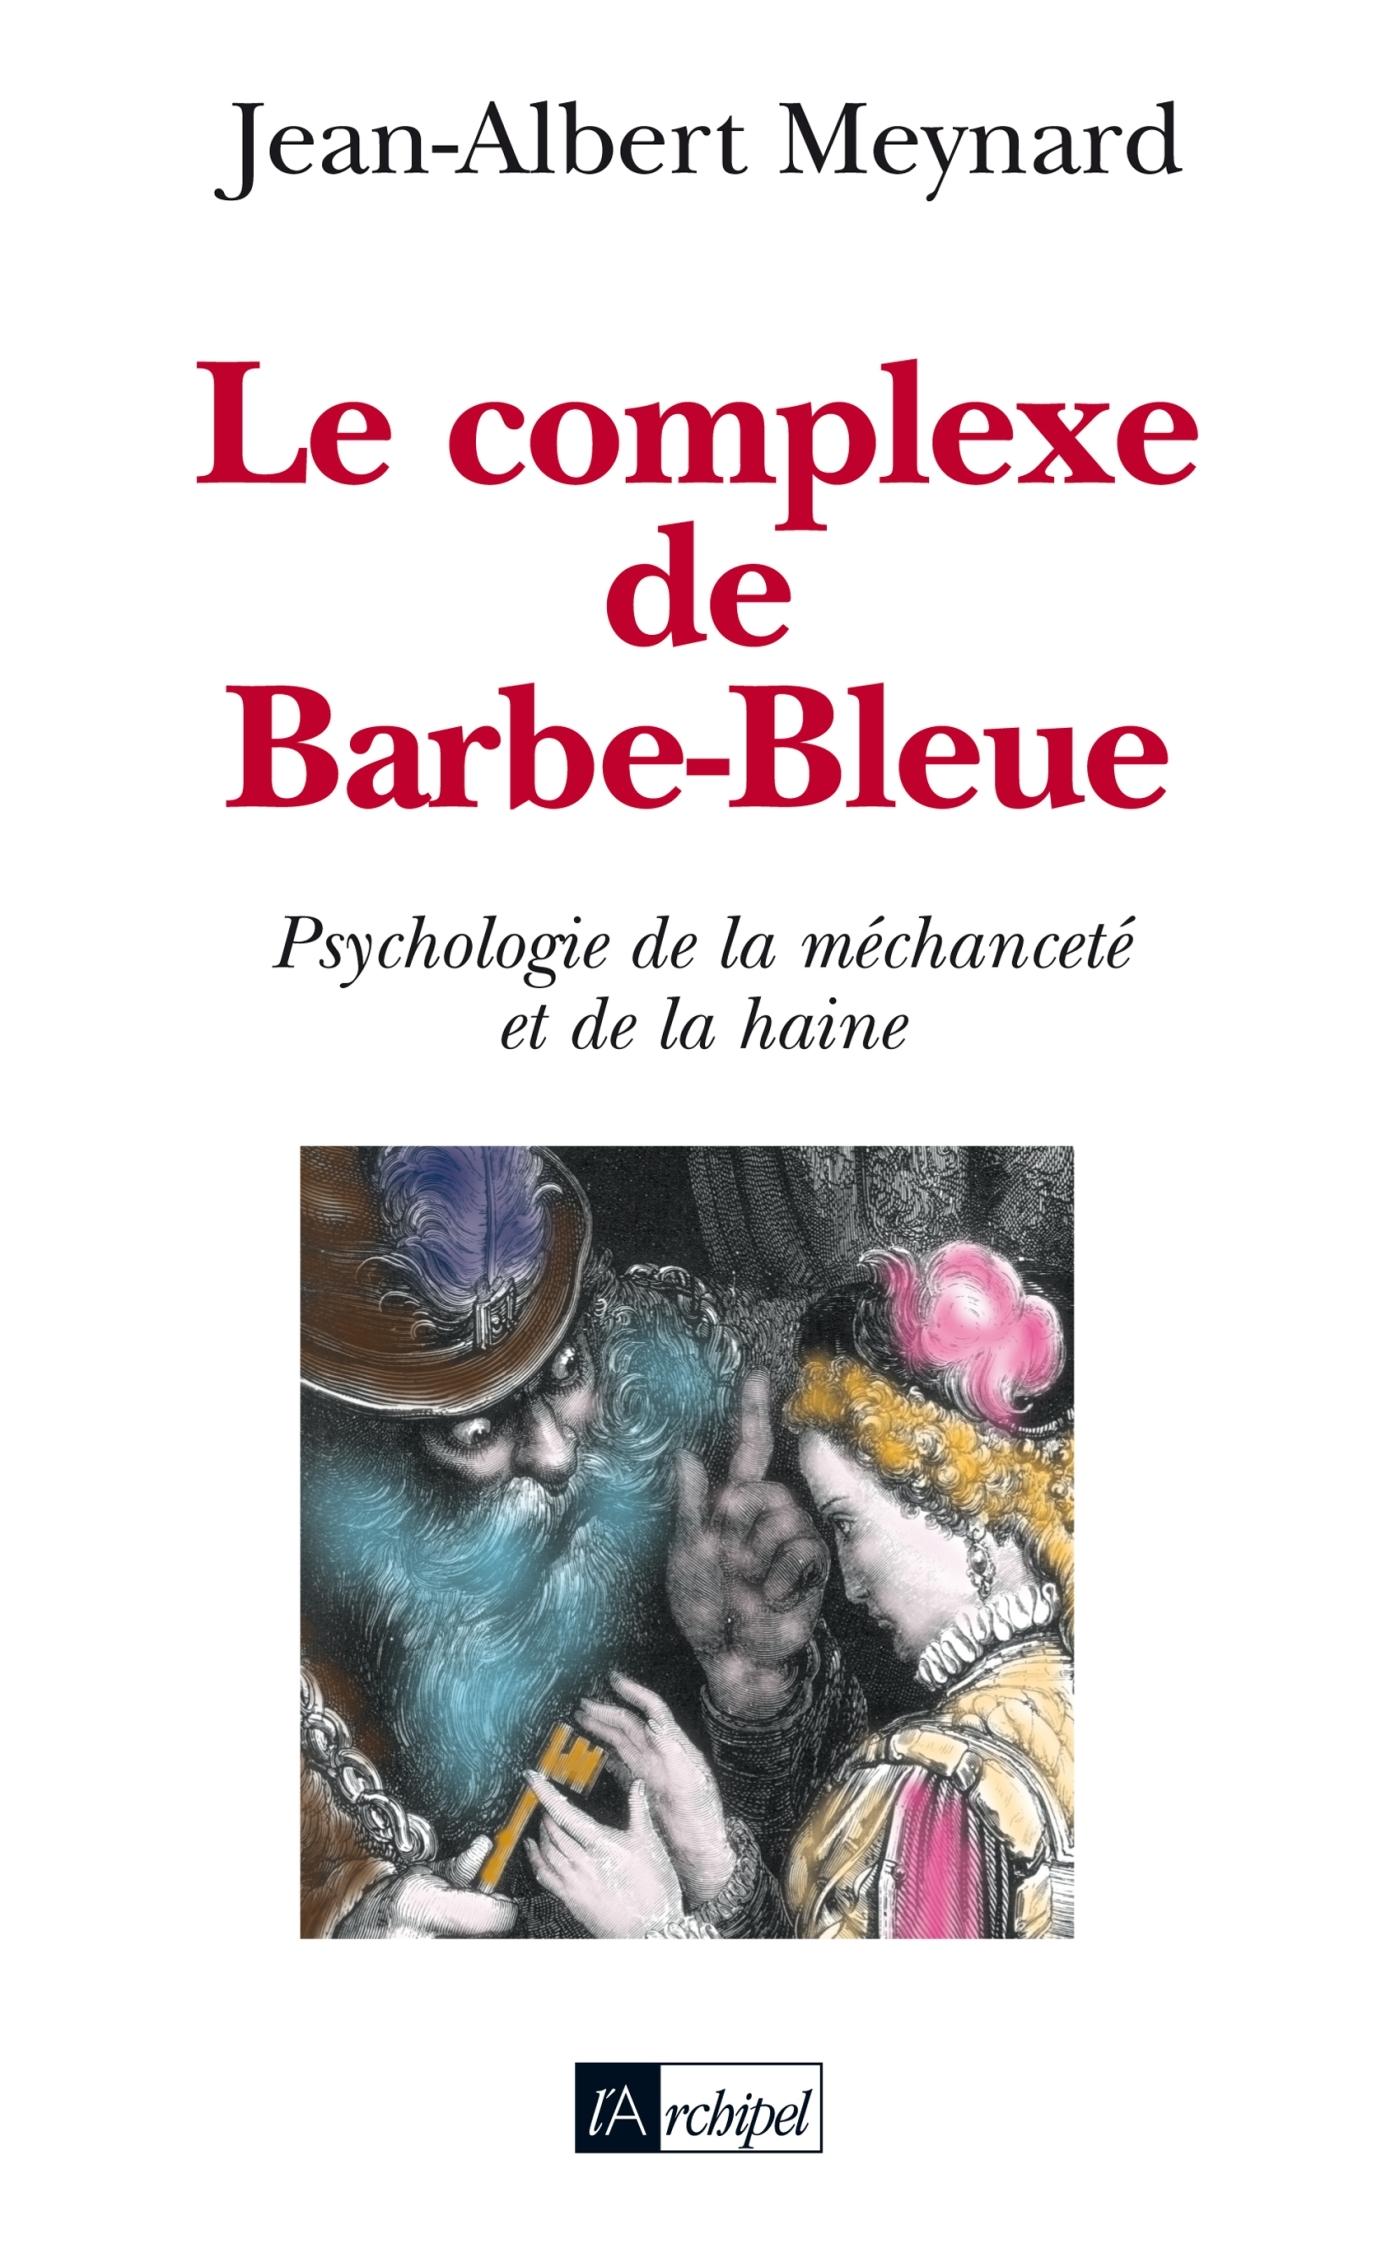 LE COMPLEXE DE BARBE-BLEUE